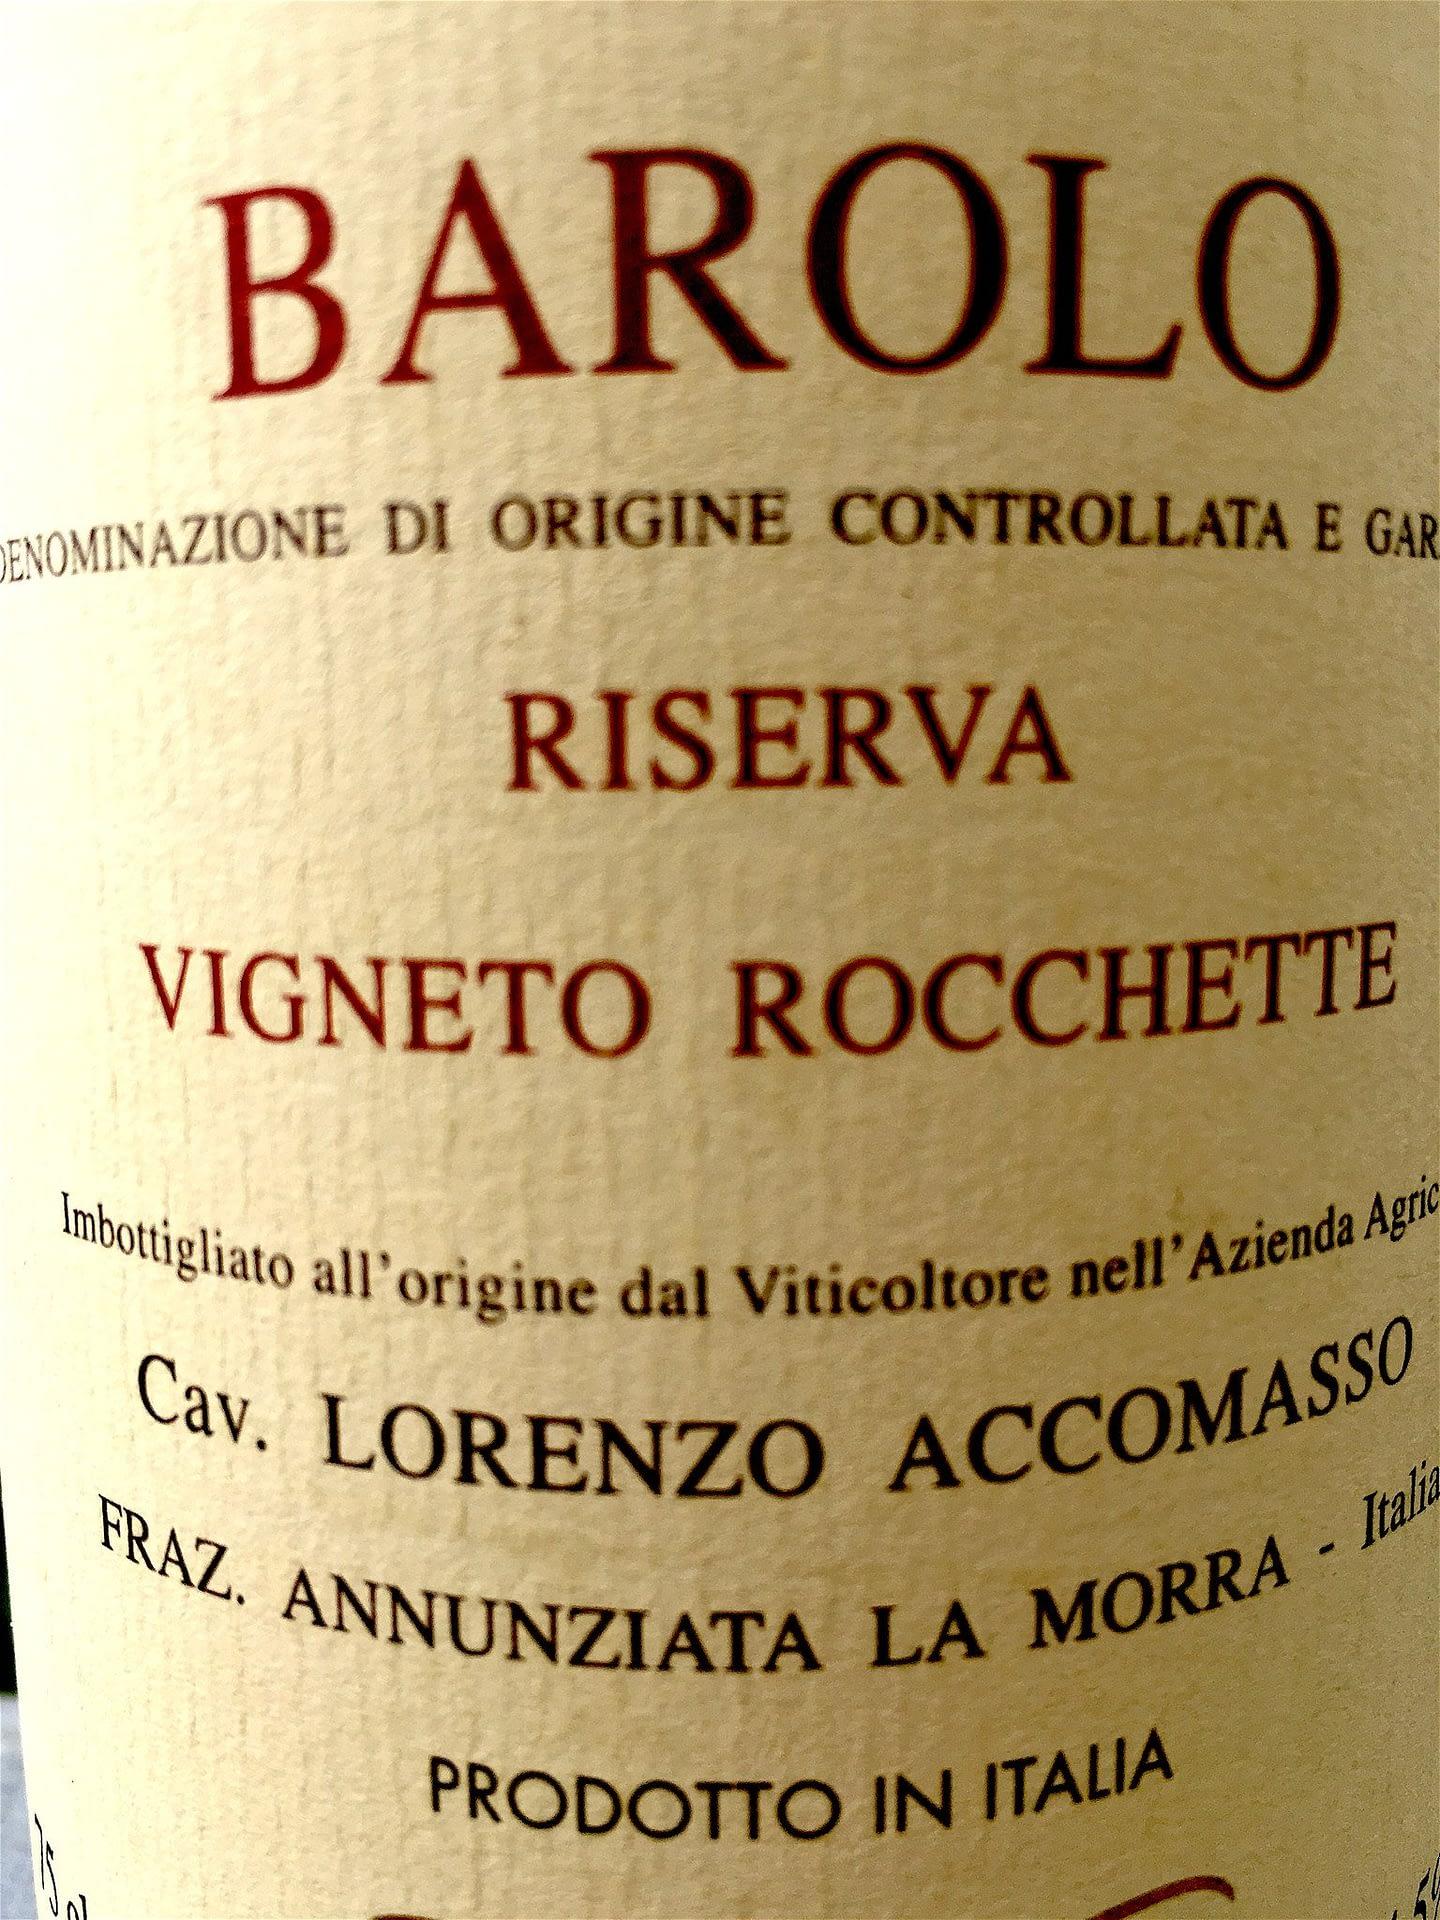 Accomasso_Barolo_Vigneto_Rocchette